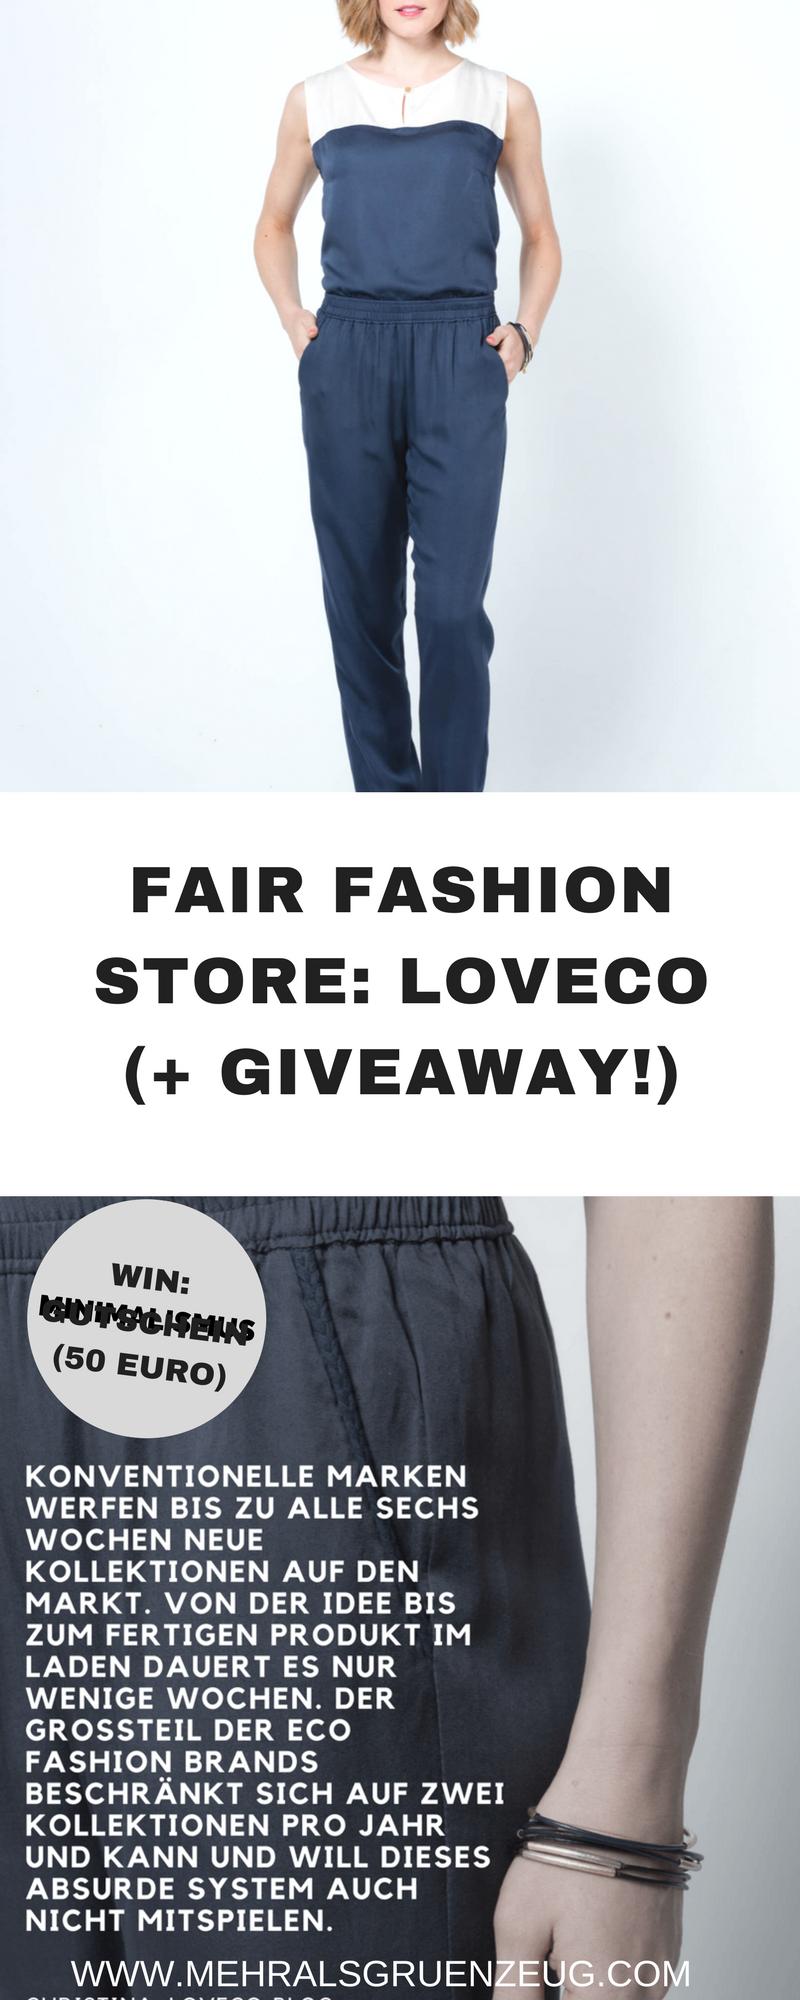 fair-fashion-quelle: loveco (+ giveaway!) | mehr als